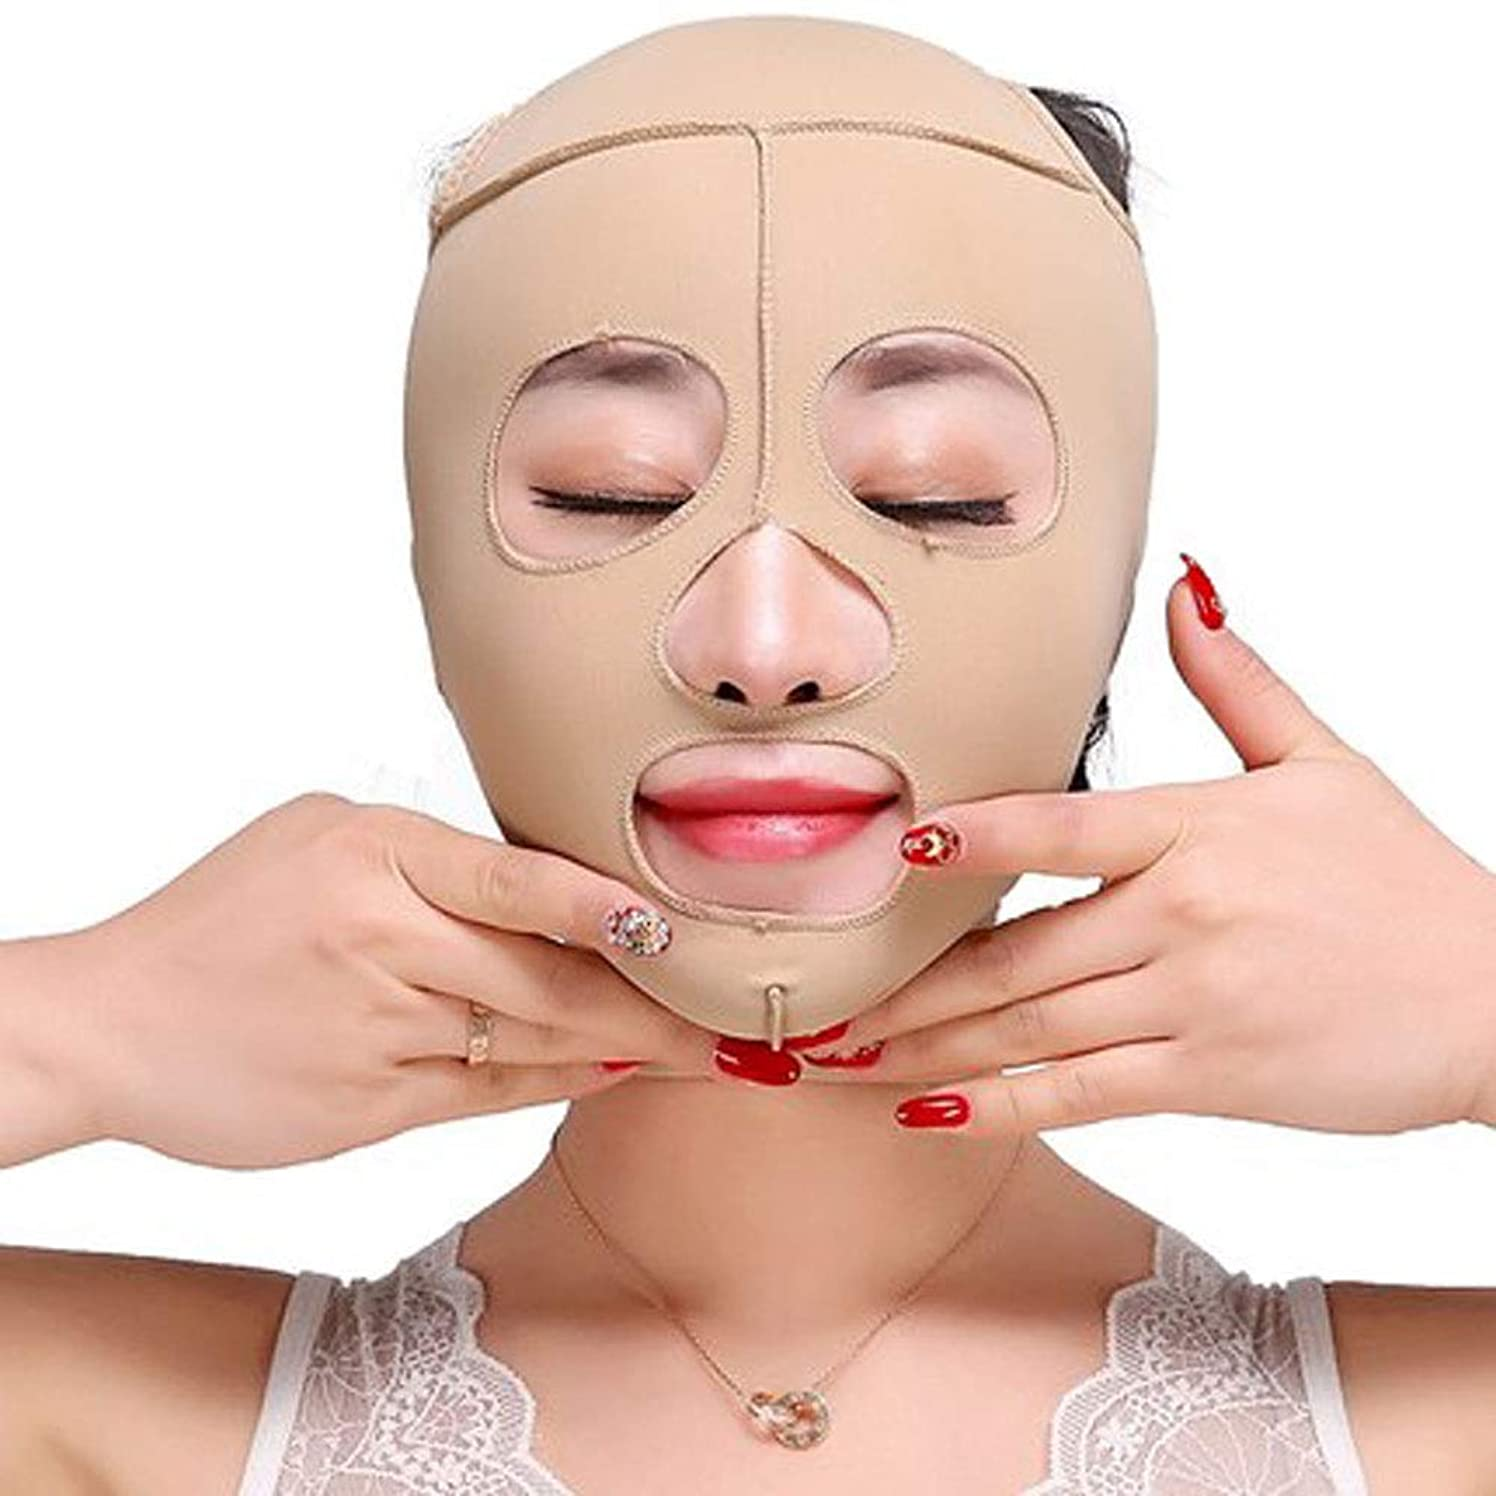 マイナーブラウス偏心GLJJQMY フェイシャルリフティングフェイシャルVマスクダブルあご薄い顔包帯抗シワリフティングチークライン 顔用整形マスク (Size : M)